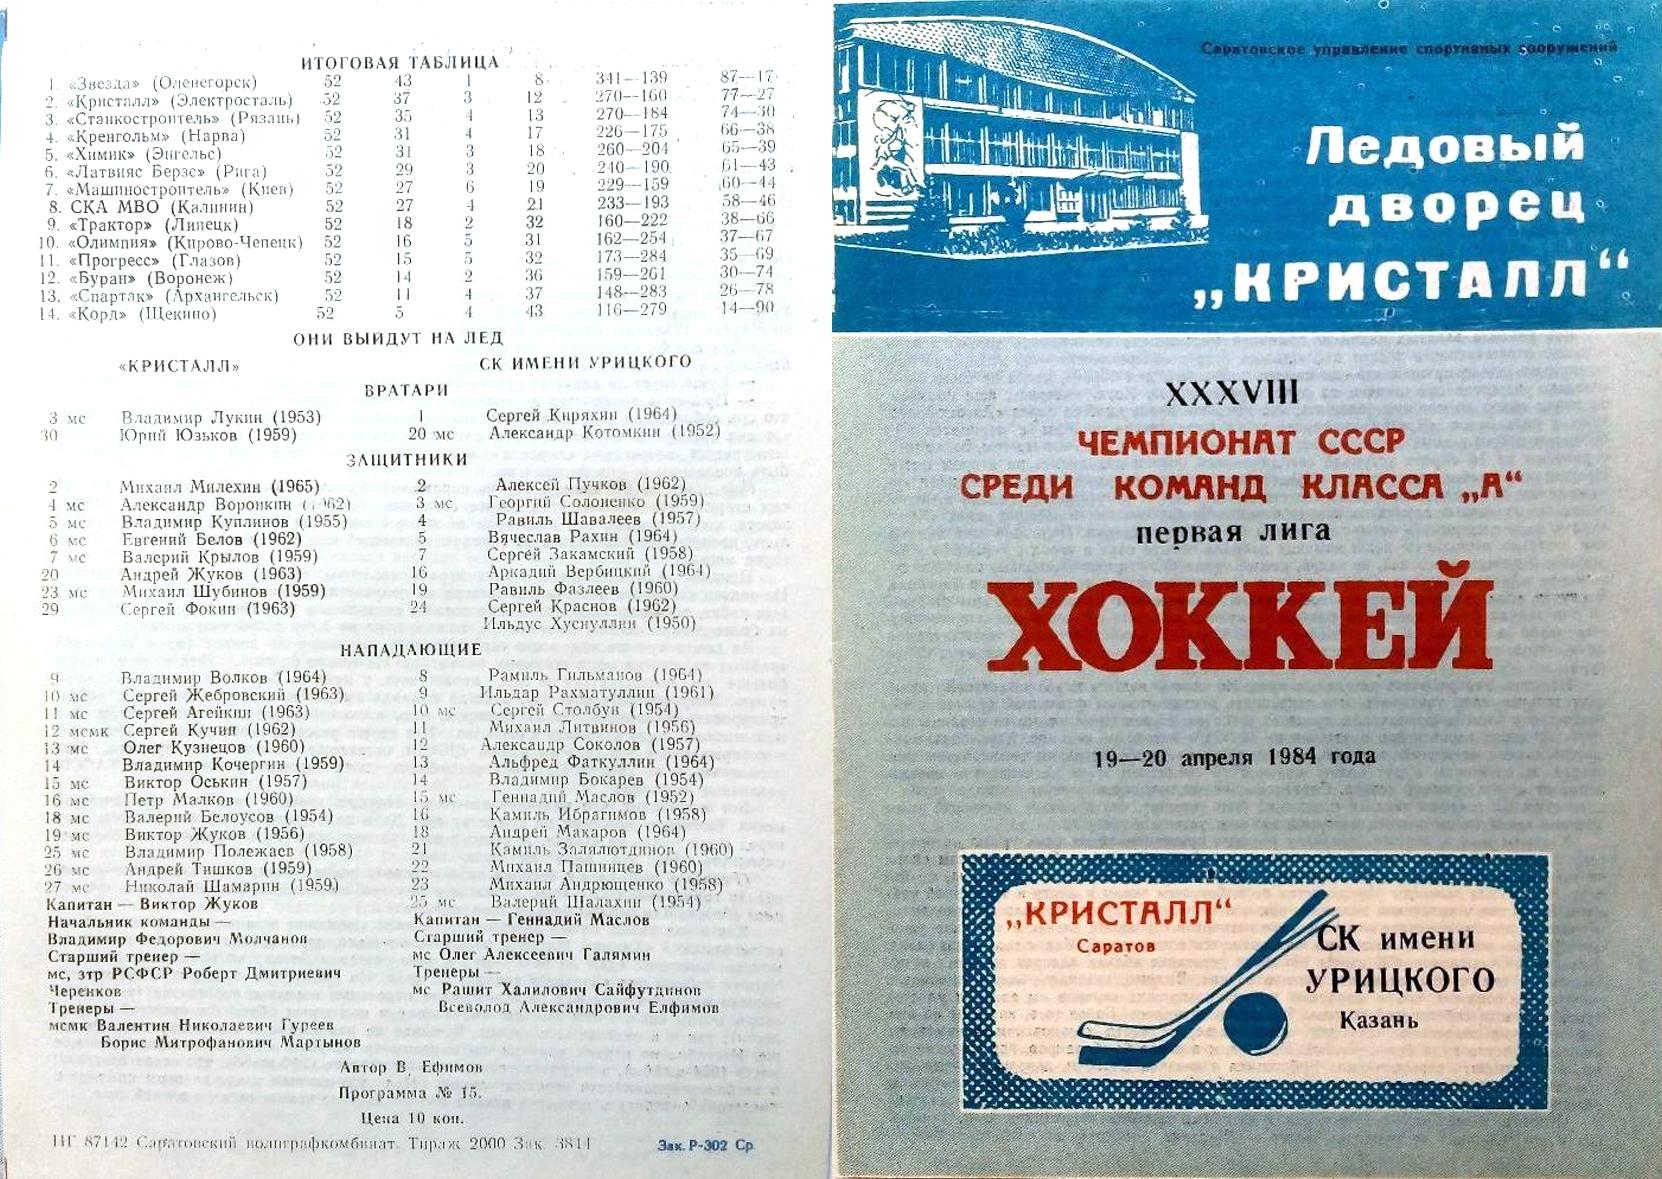 19-20-4.1984..jpg